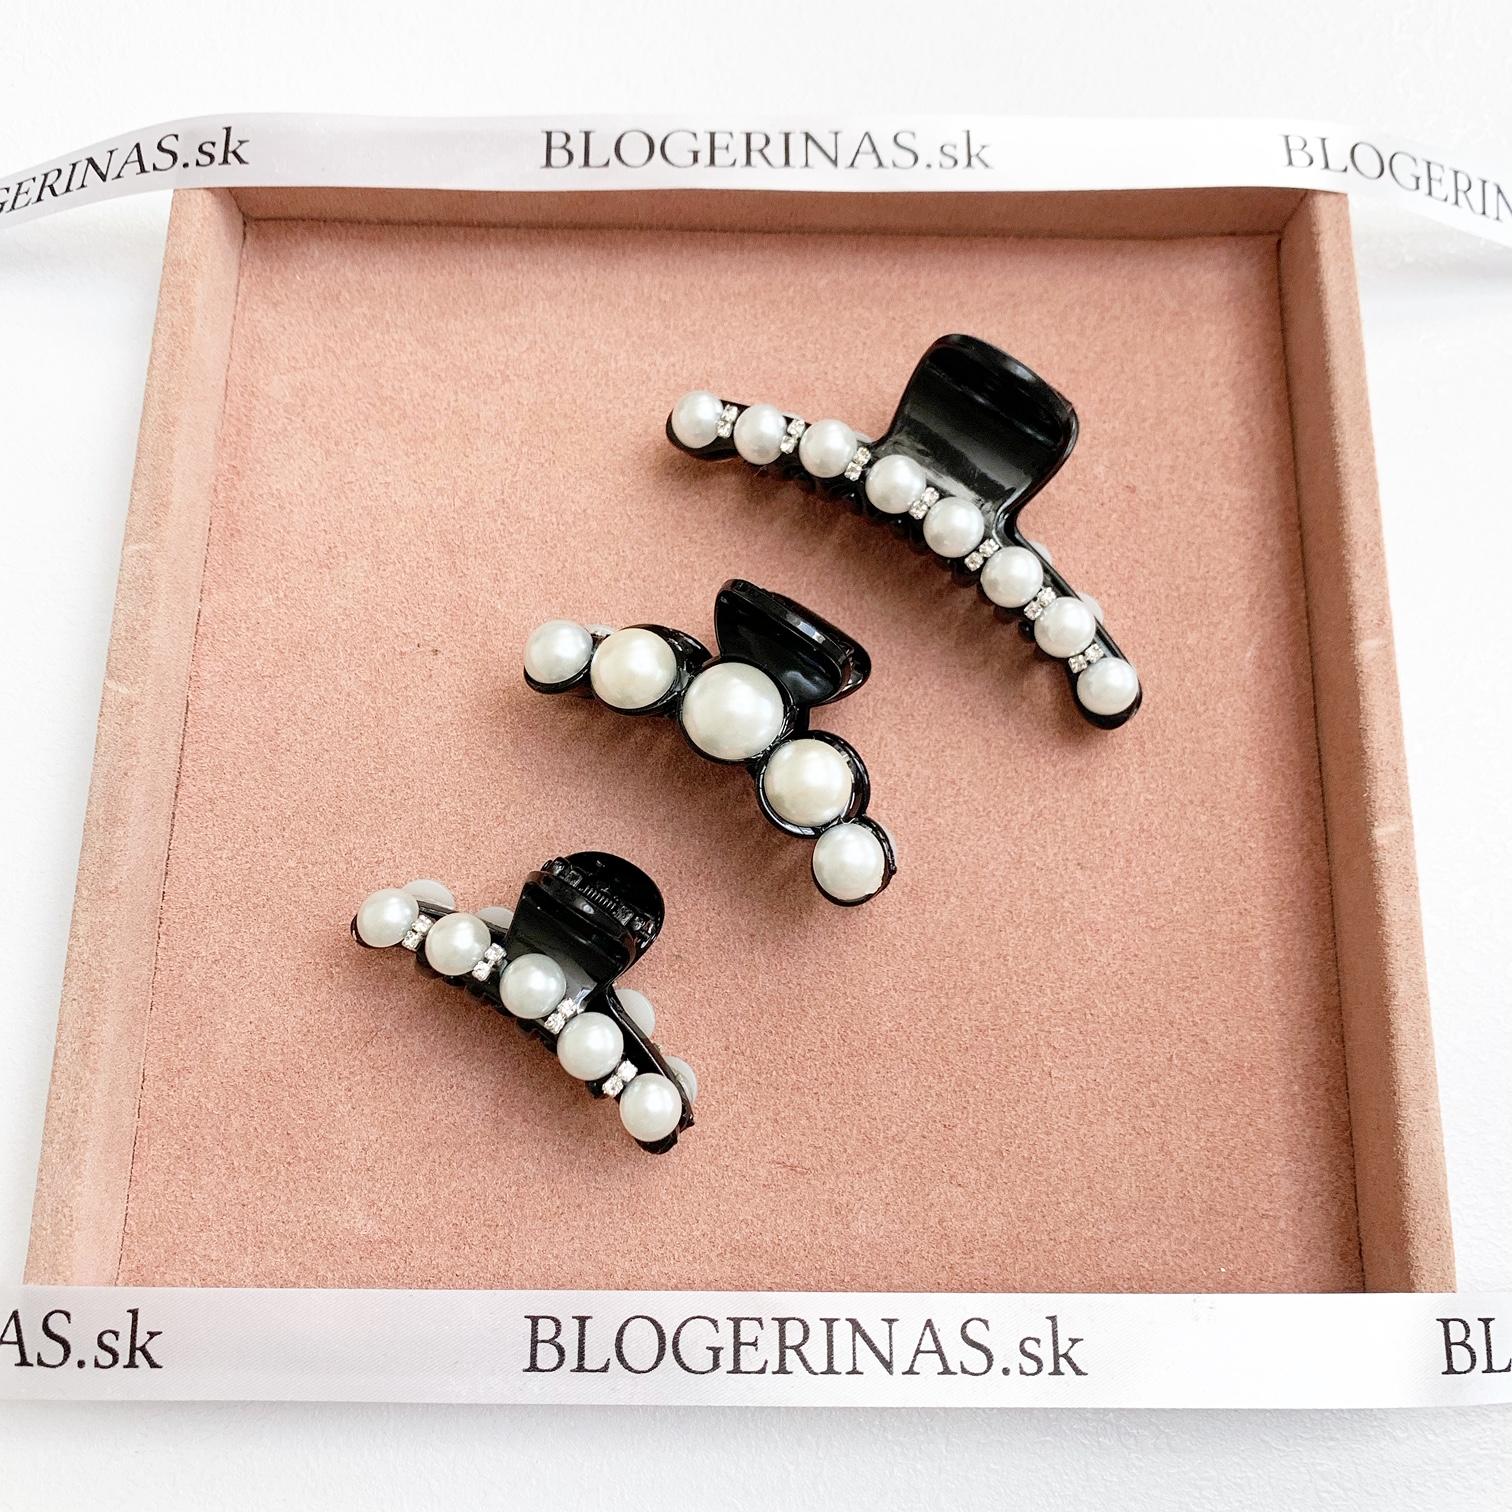 Spony do vlasov, s perličkami a Swarovski krištáliky, ručná výroba - MADE IN GREECE